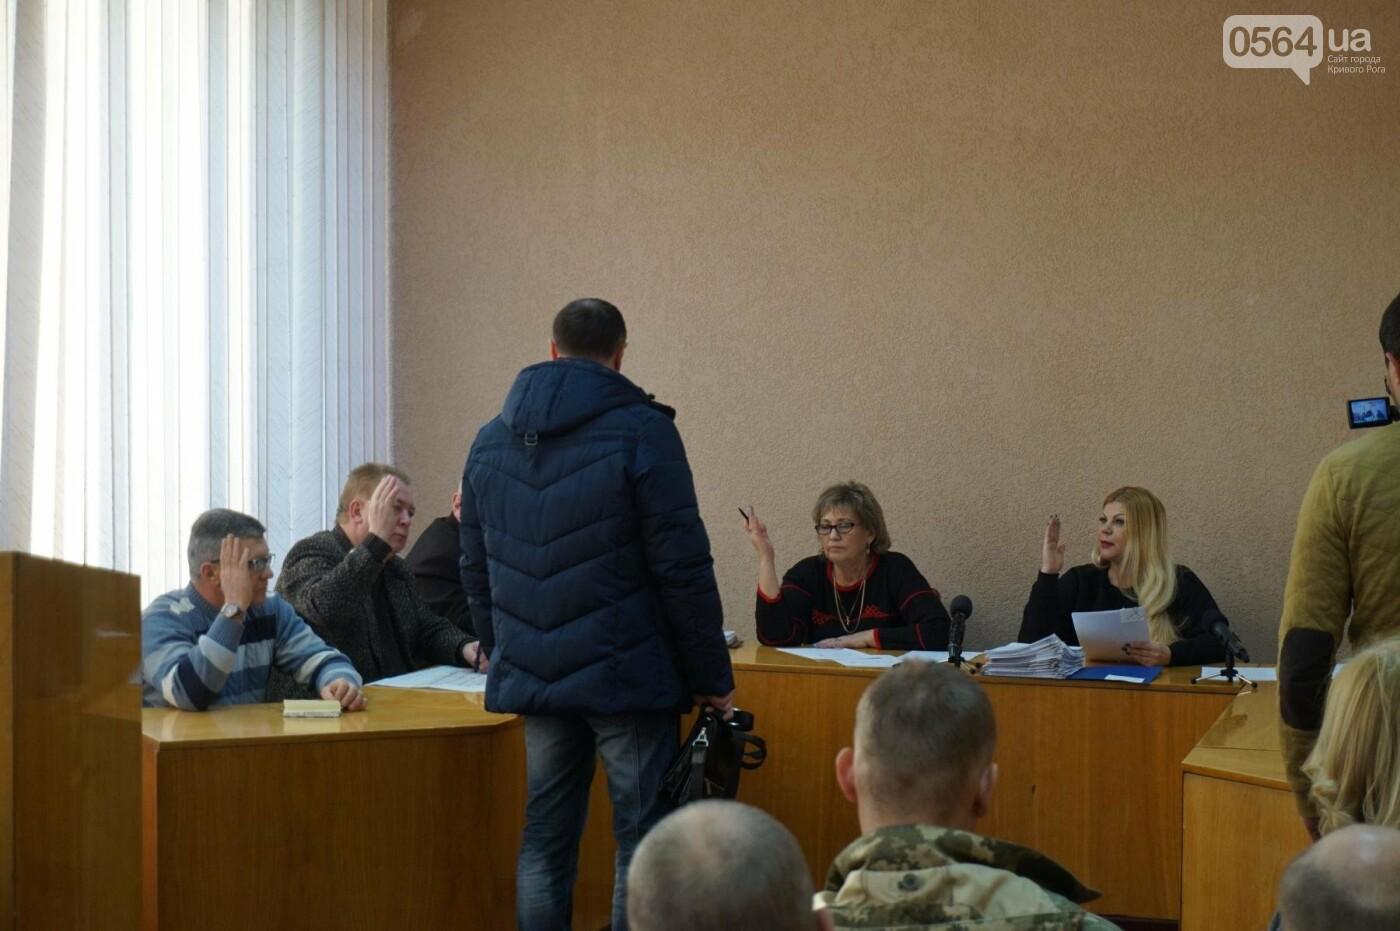 В Кривом Роге 52 бойца АТО получили землю под строительство жилья (ФОТО), фото-19